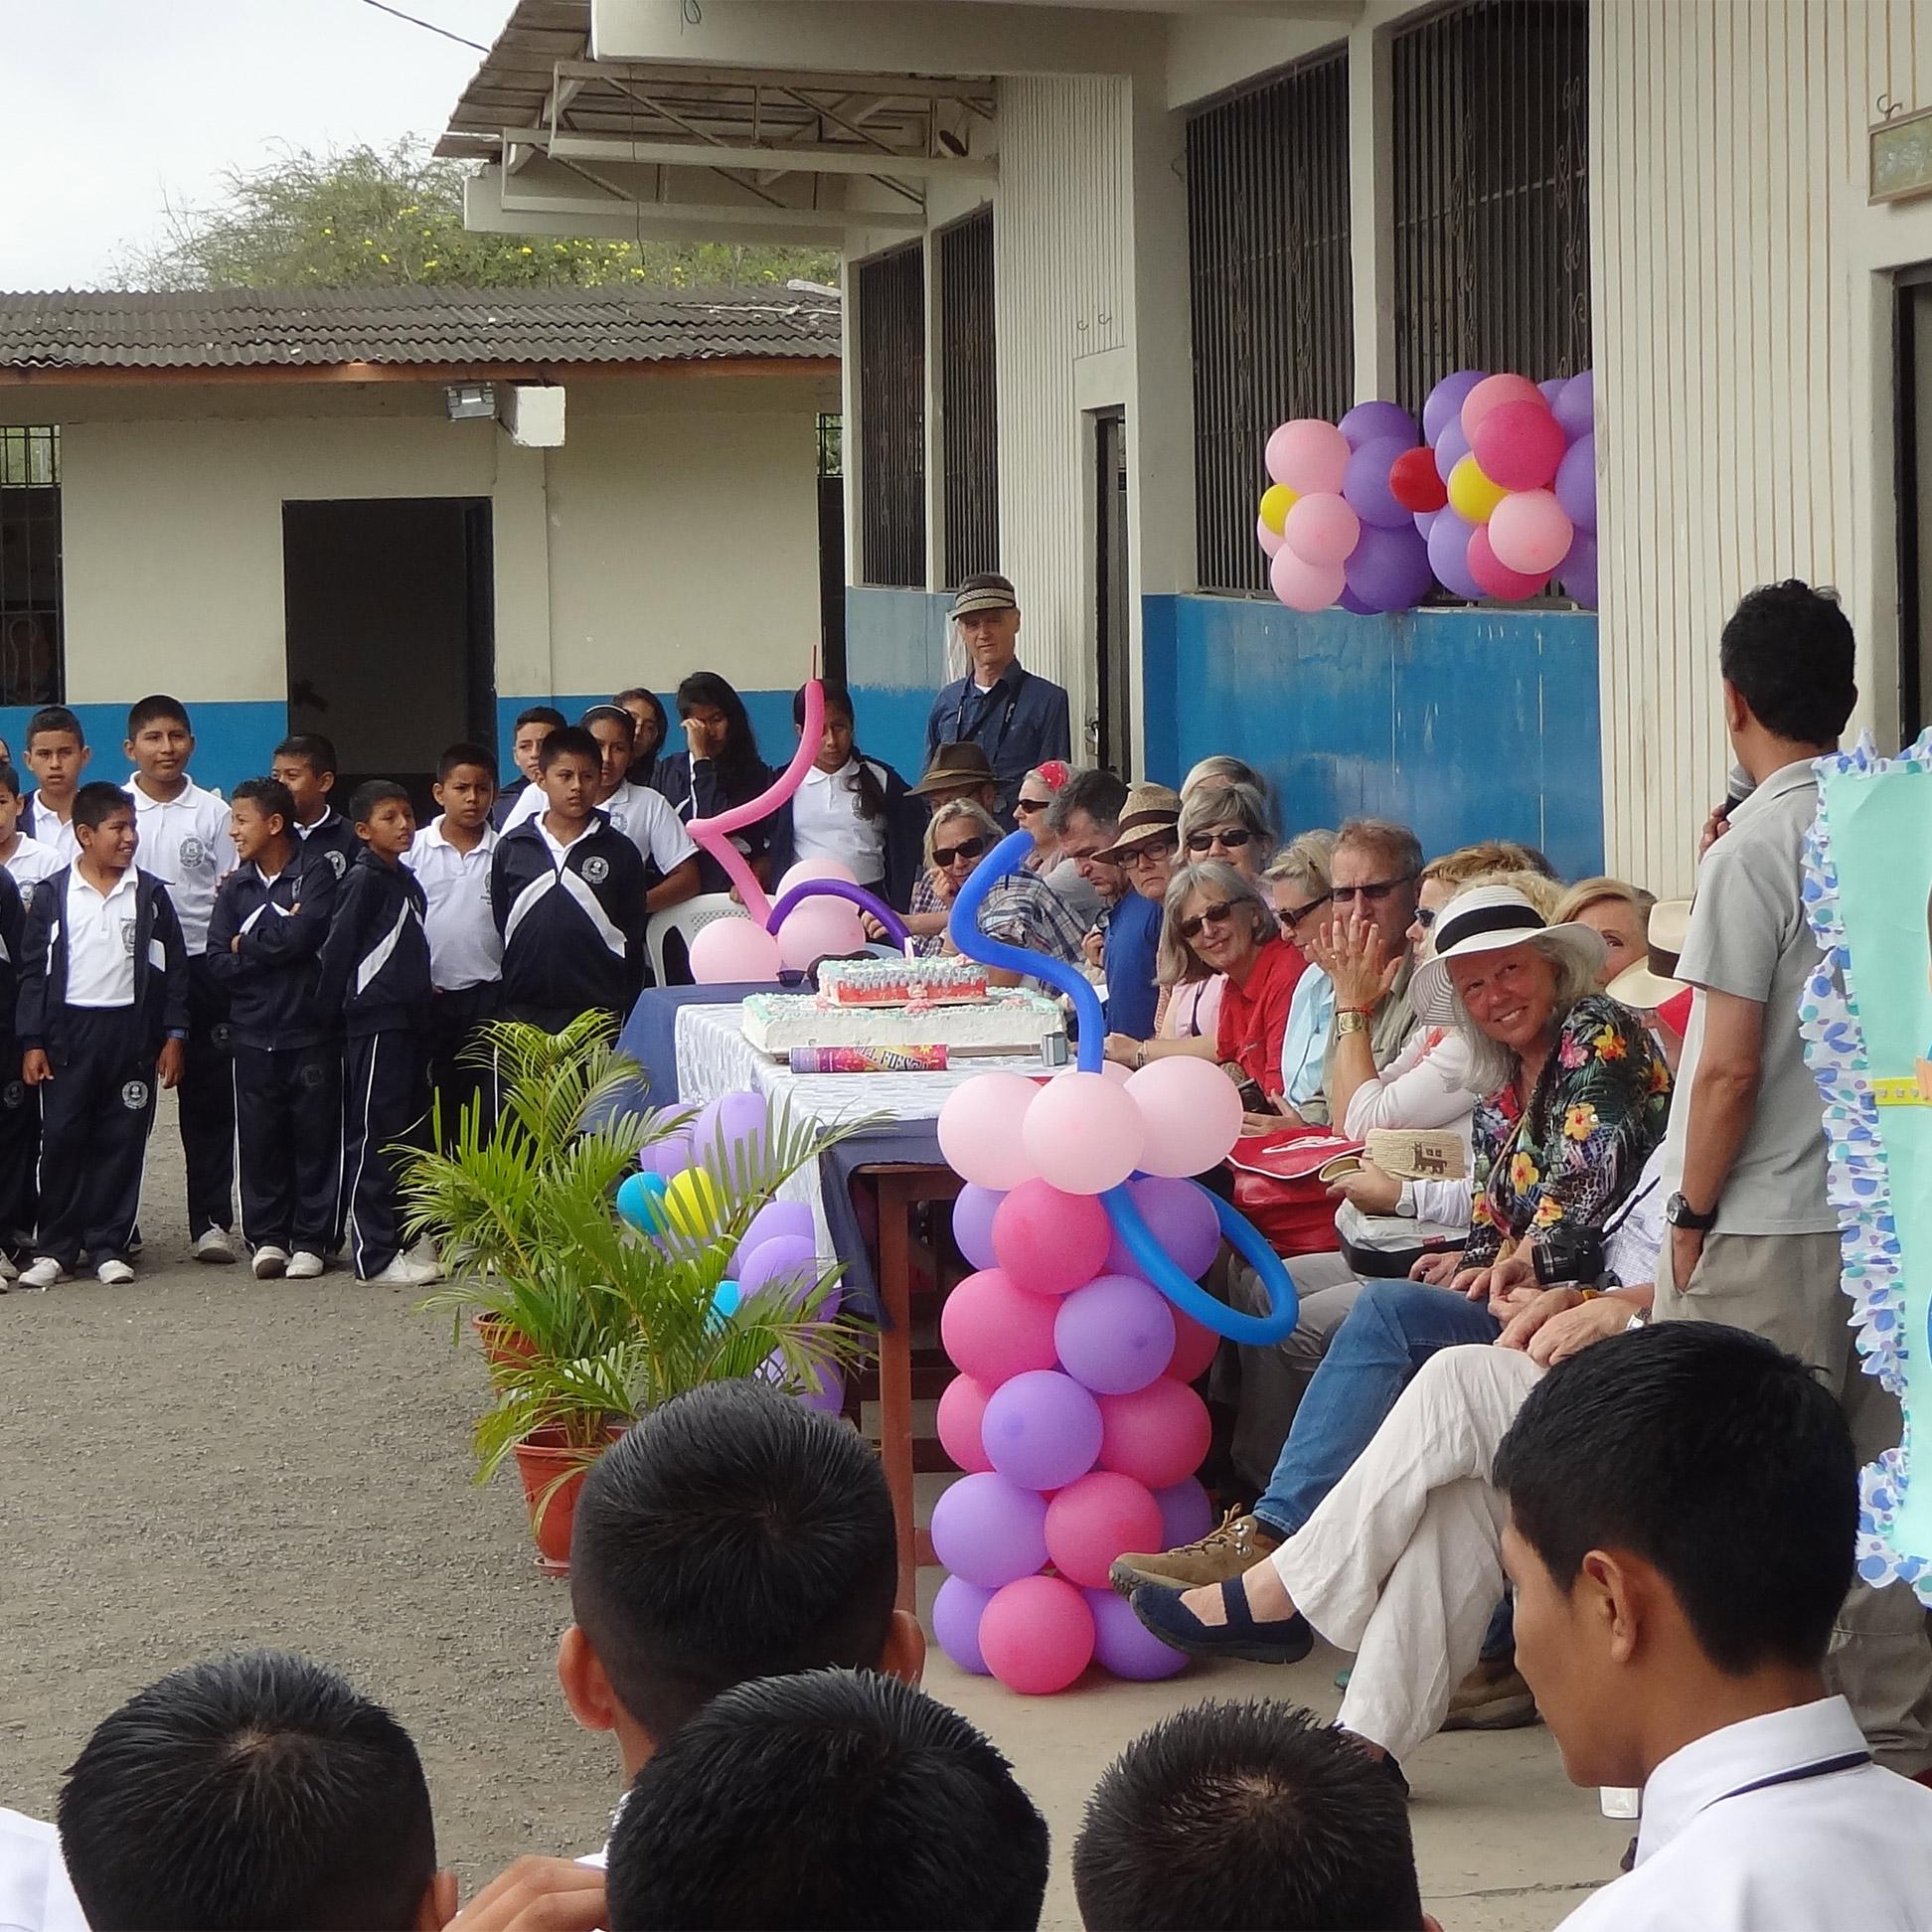 Ein Schulfest in Nepal zur Eröffnung der neuen Schule